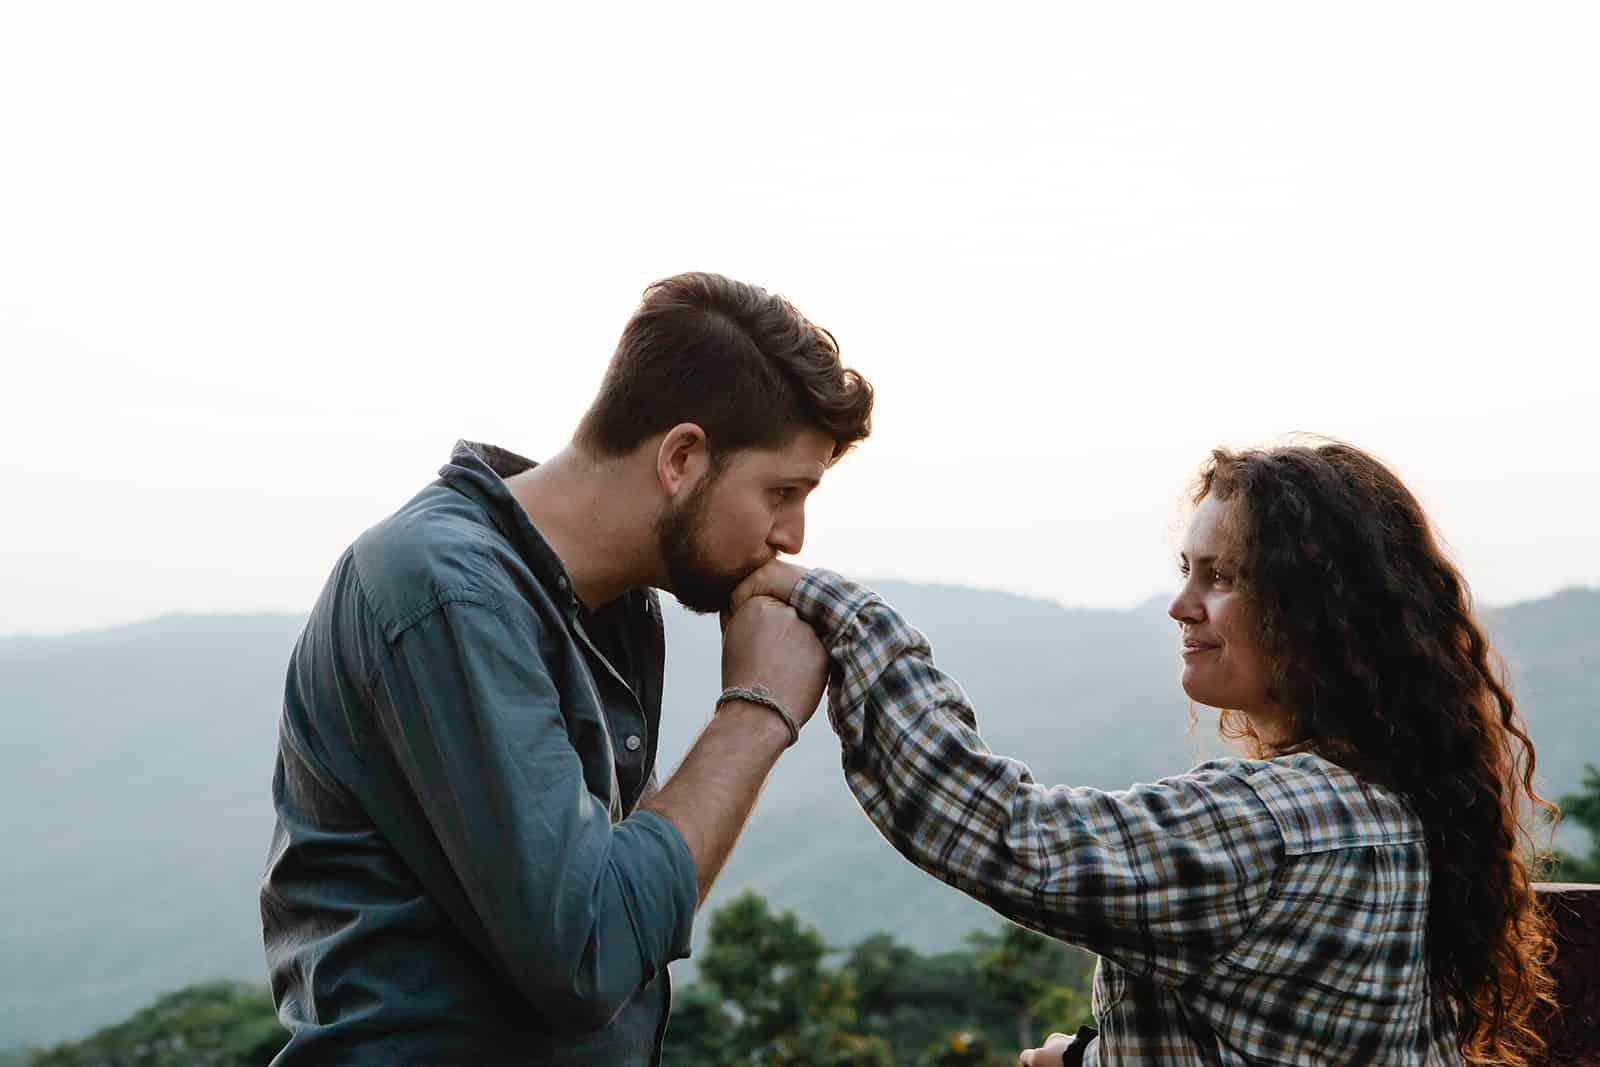 Un homme embrassant la main de sa petite amie souriante en se tenant debout dans la nature